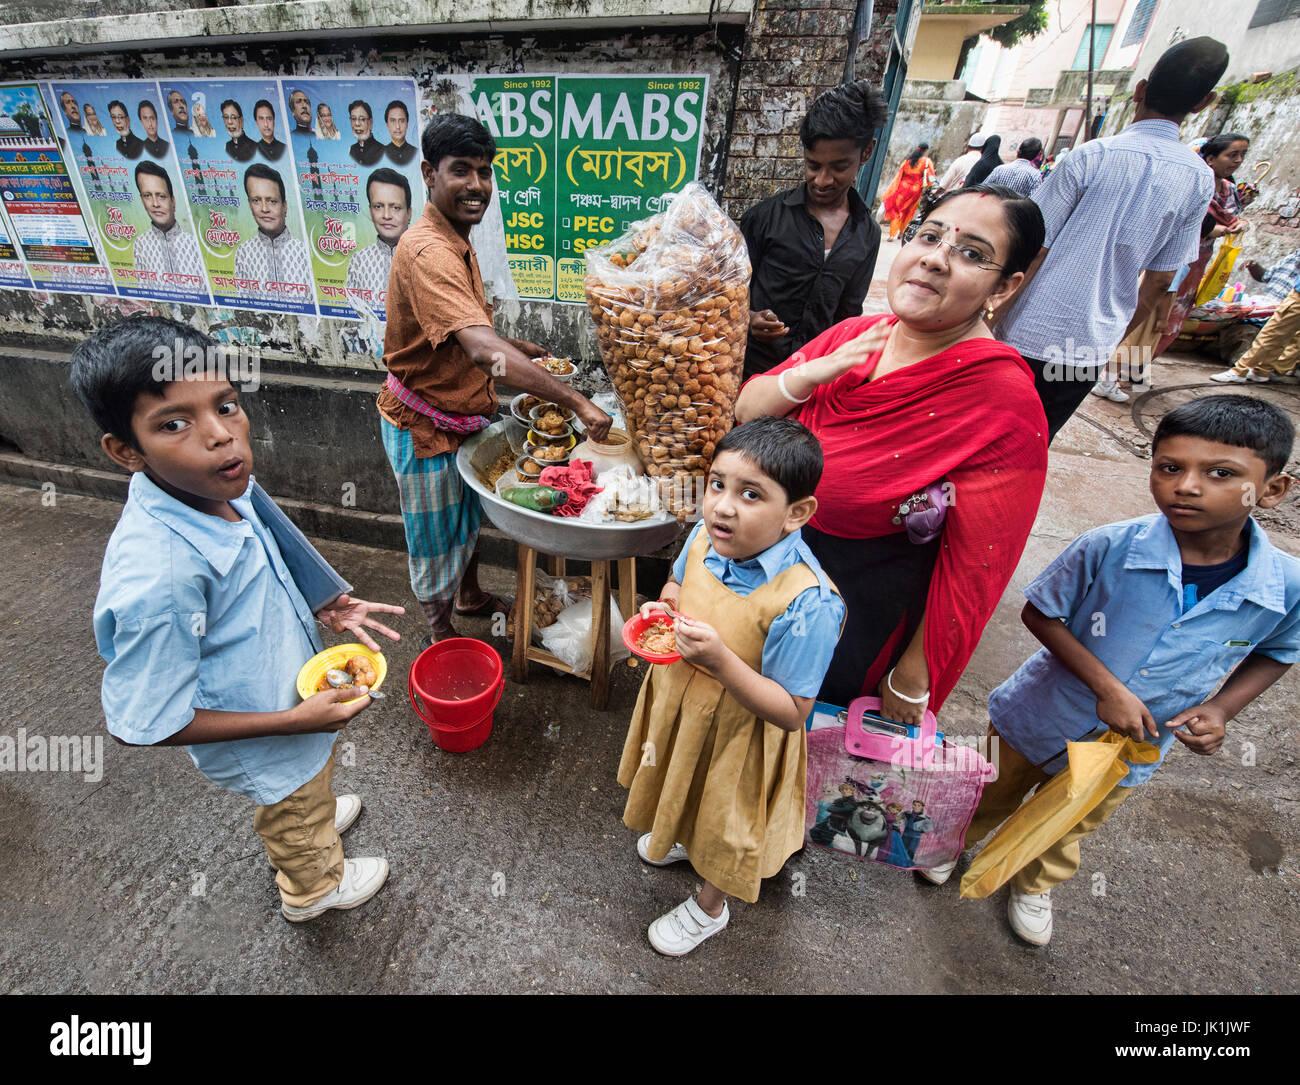 Enjoying phuchka (puchhka), a common Bangladeshi snack, Dhaka, Bangladesh - Stock Image